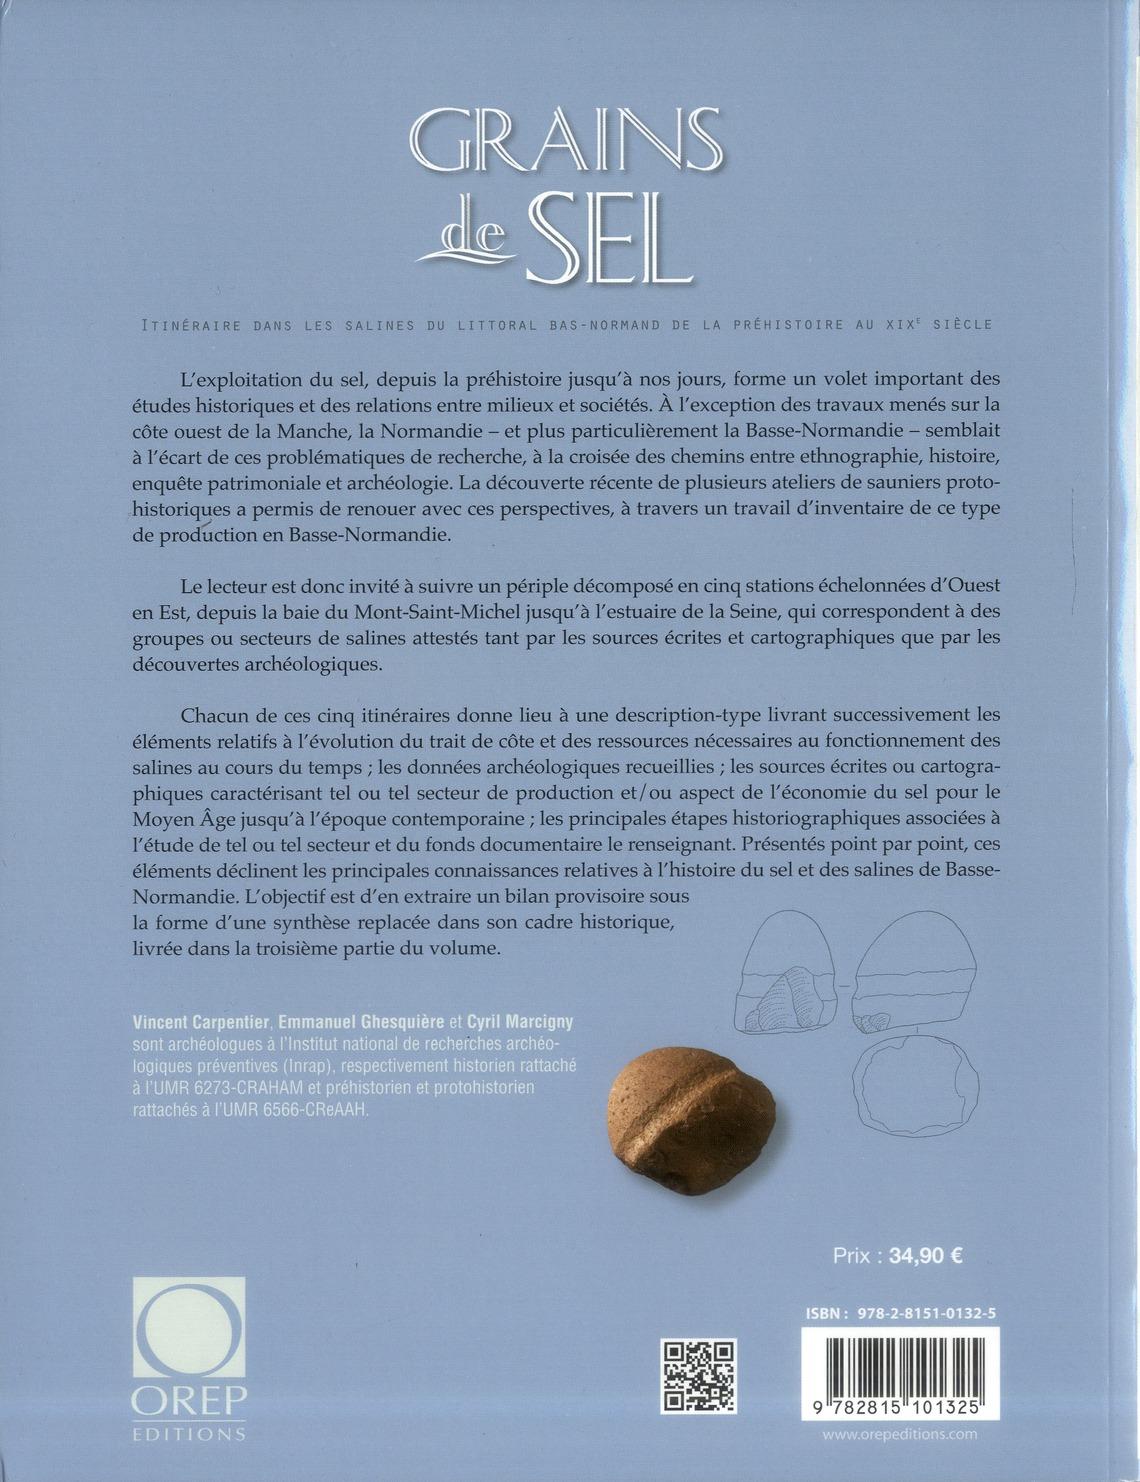 Grains de sel ; itinéraire dans les salines du littoral bas-normand de la préhistoire au XIX siècle